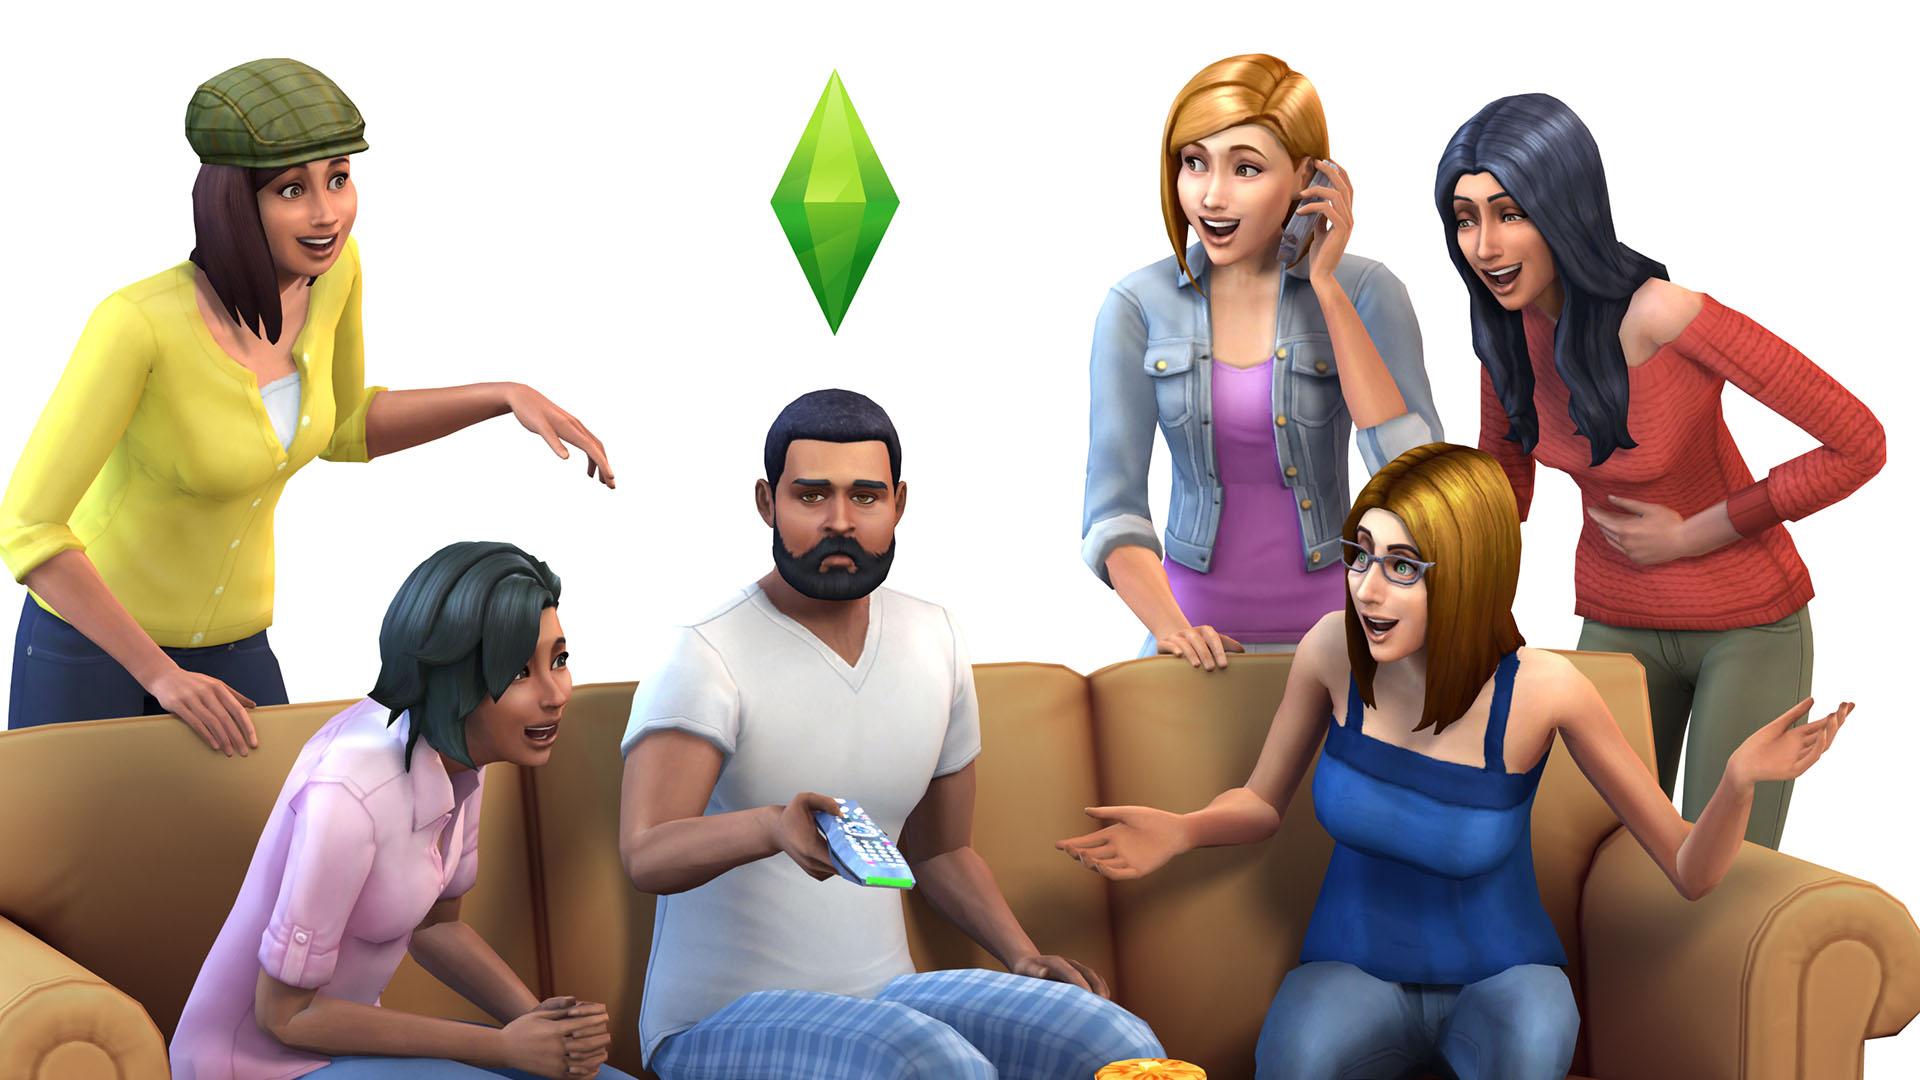 I «The Sims 4» kan du ta leve ut livet til dine egenskapte virtuelle mennesker. (Foto: Maxis / Electronic Arts)